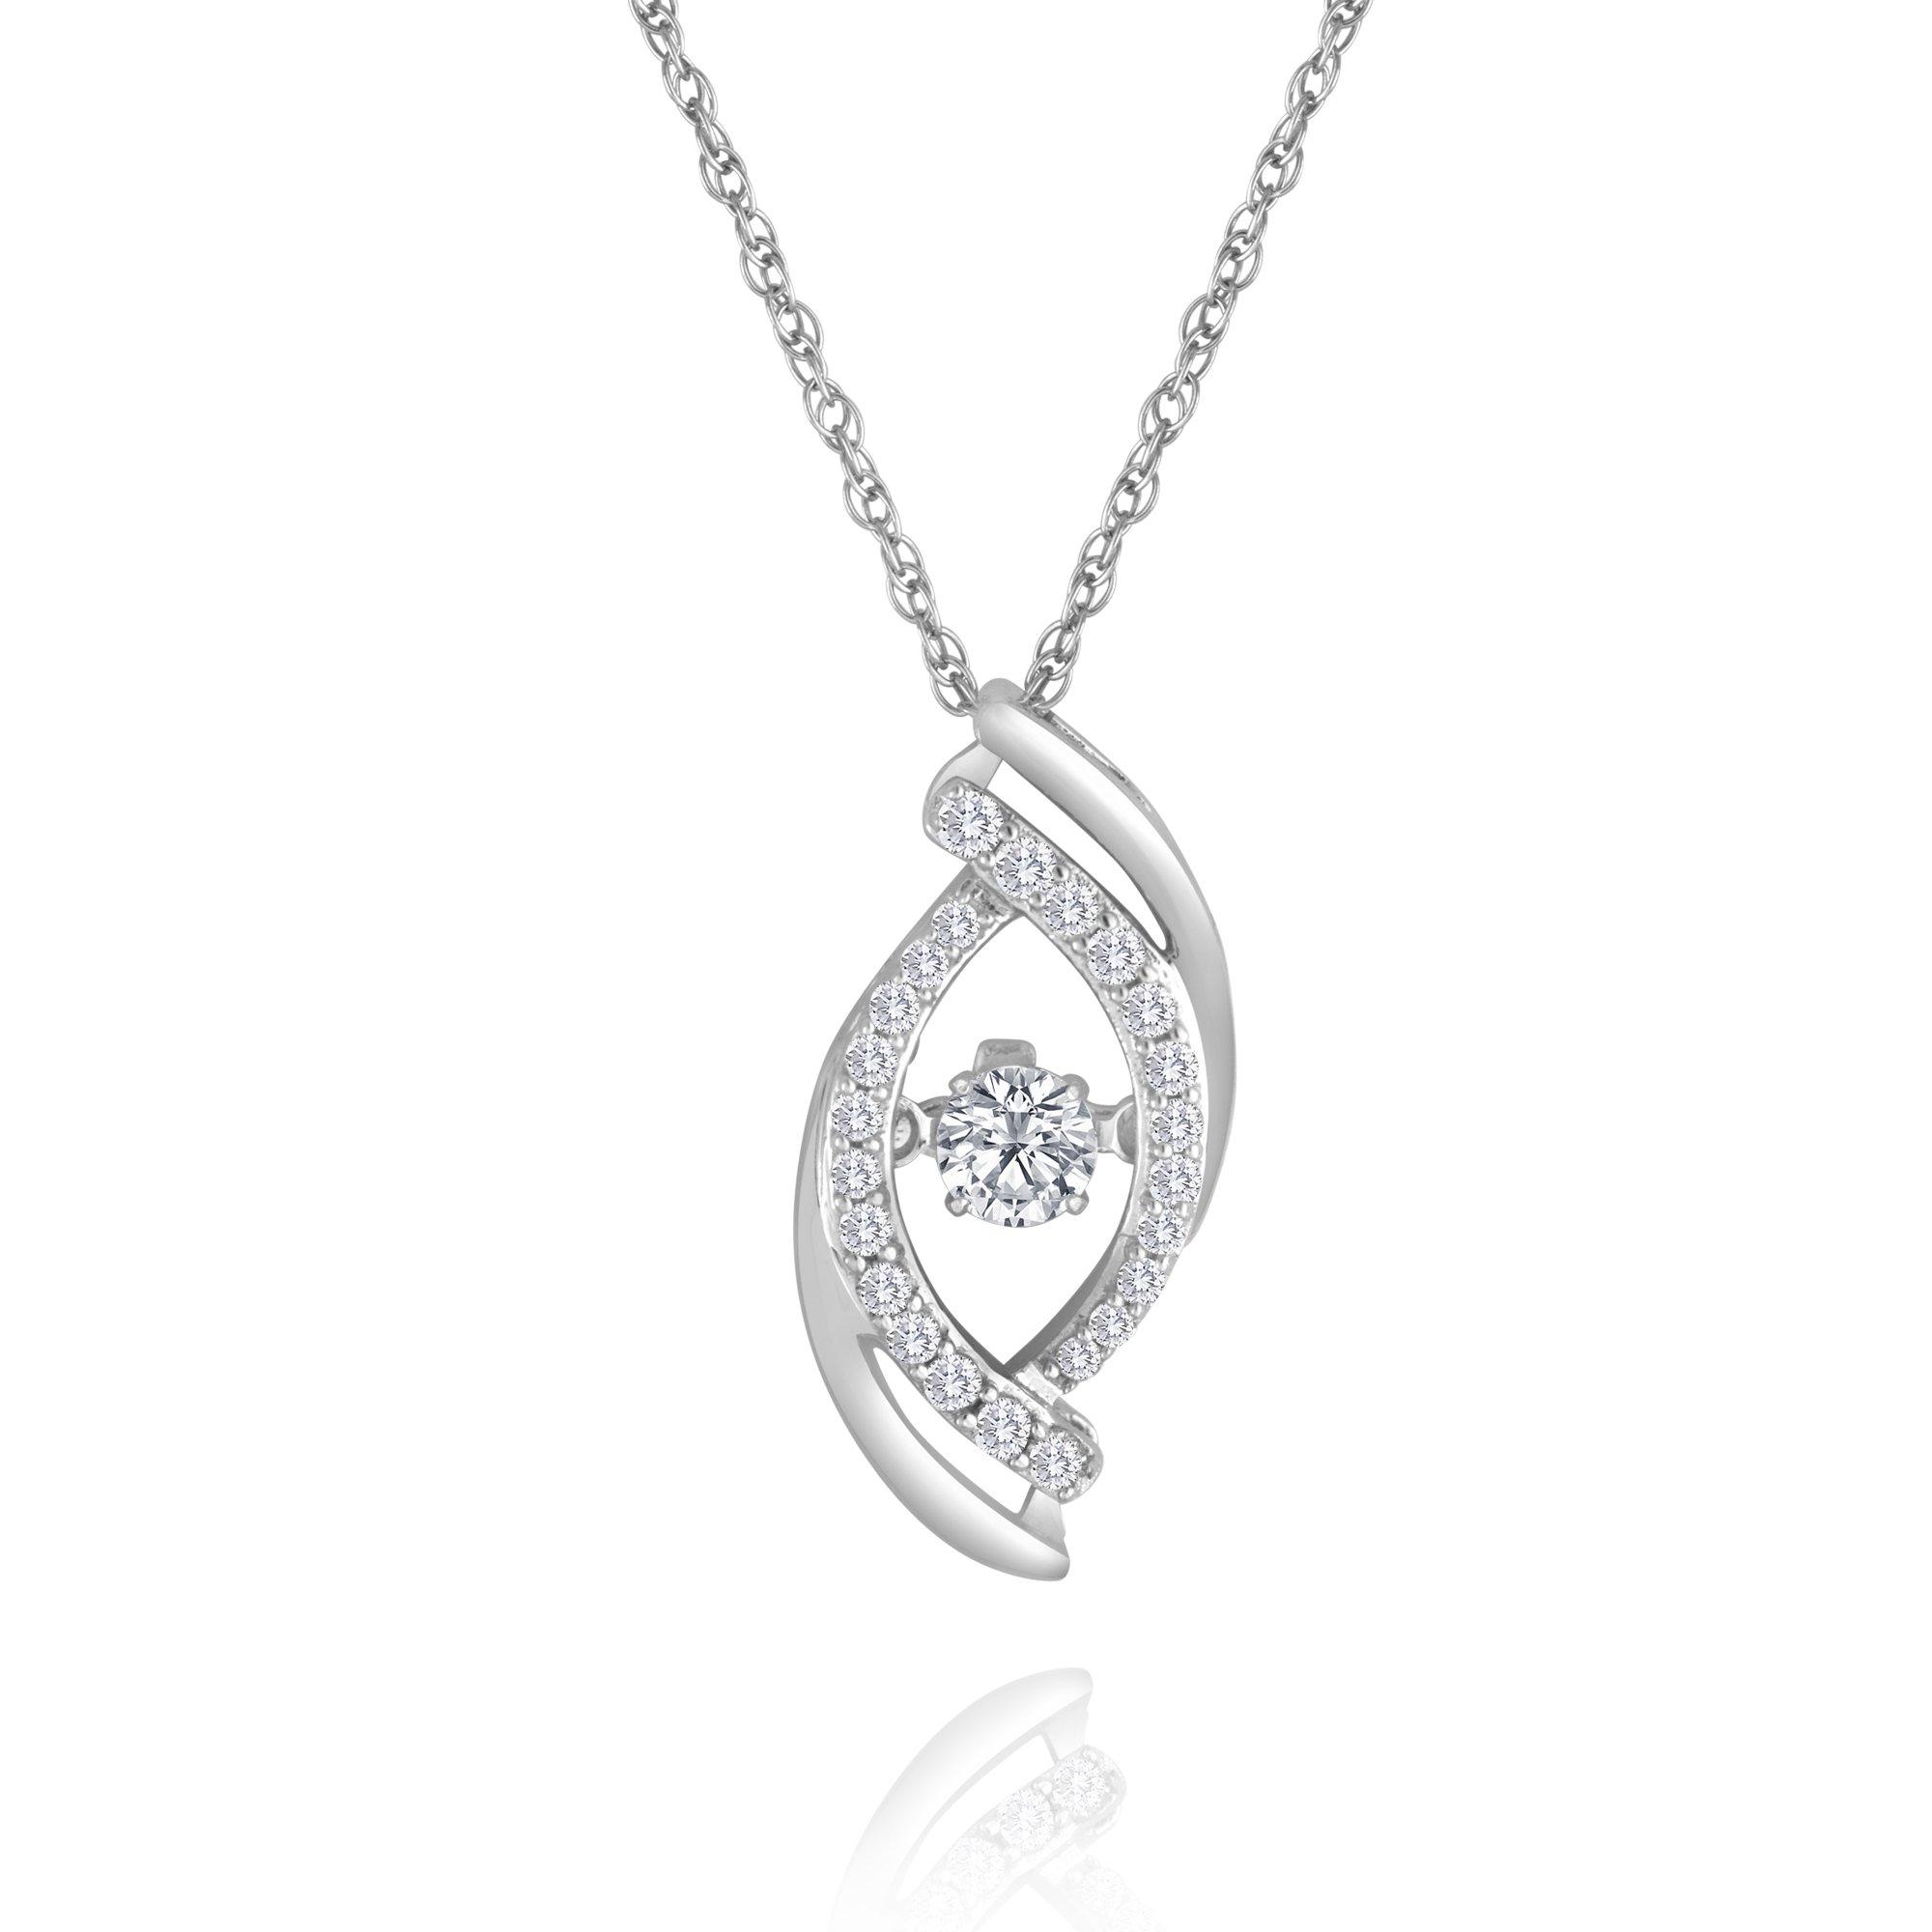 e0526d0a247 Arthurs Collection White Gold Diamond Necklaces. Designer Engagement ...